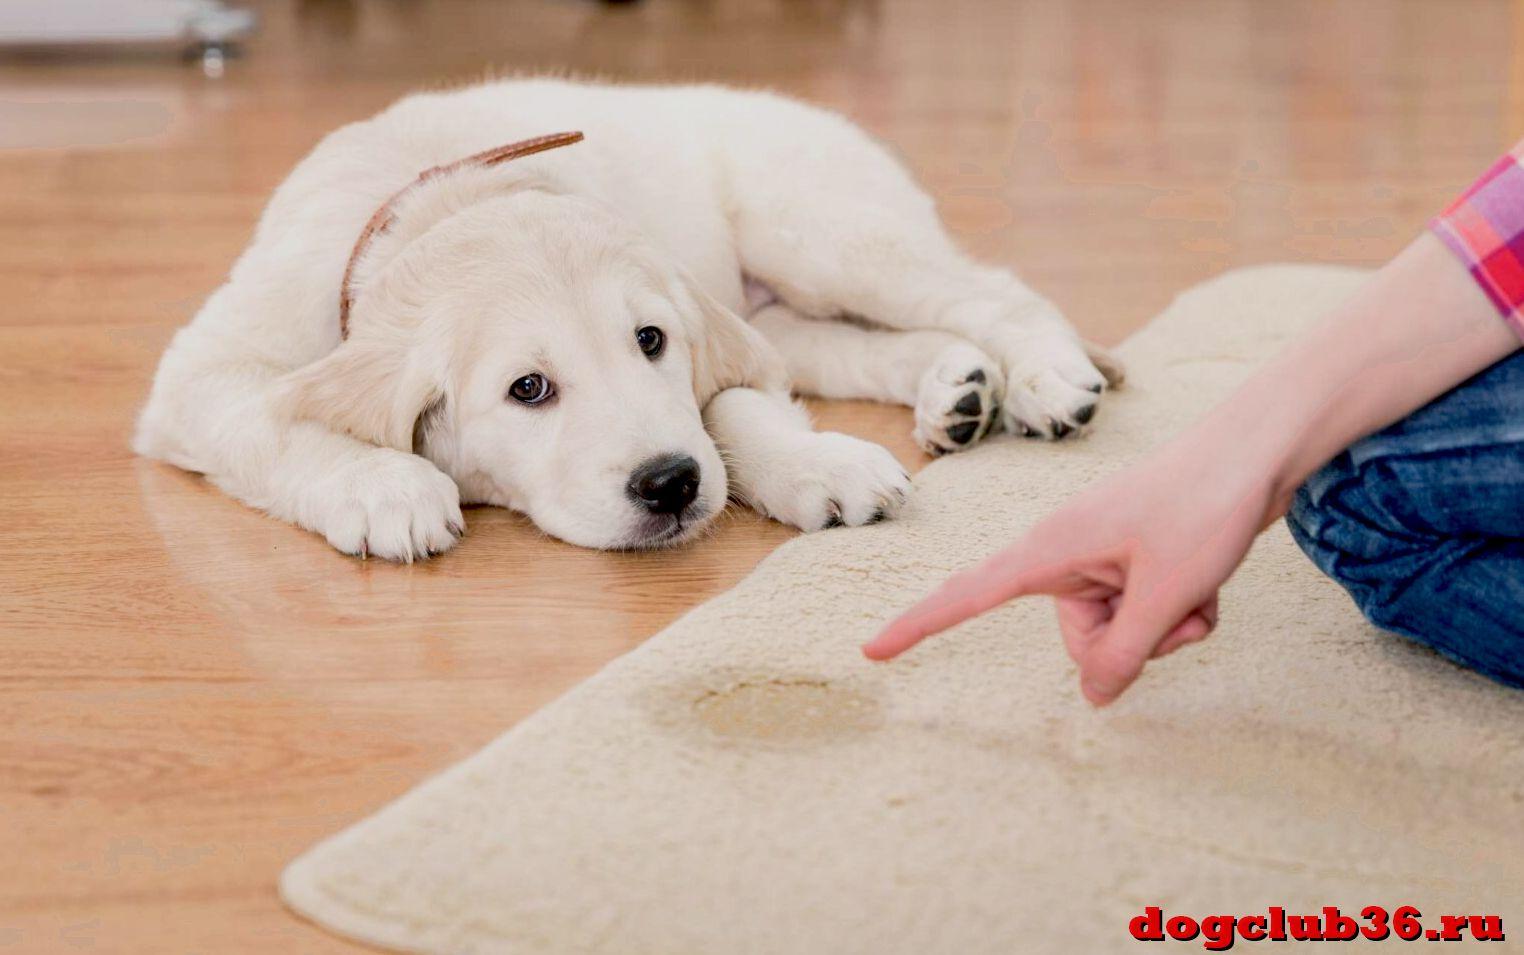 Почему собака начала метить в квартире